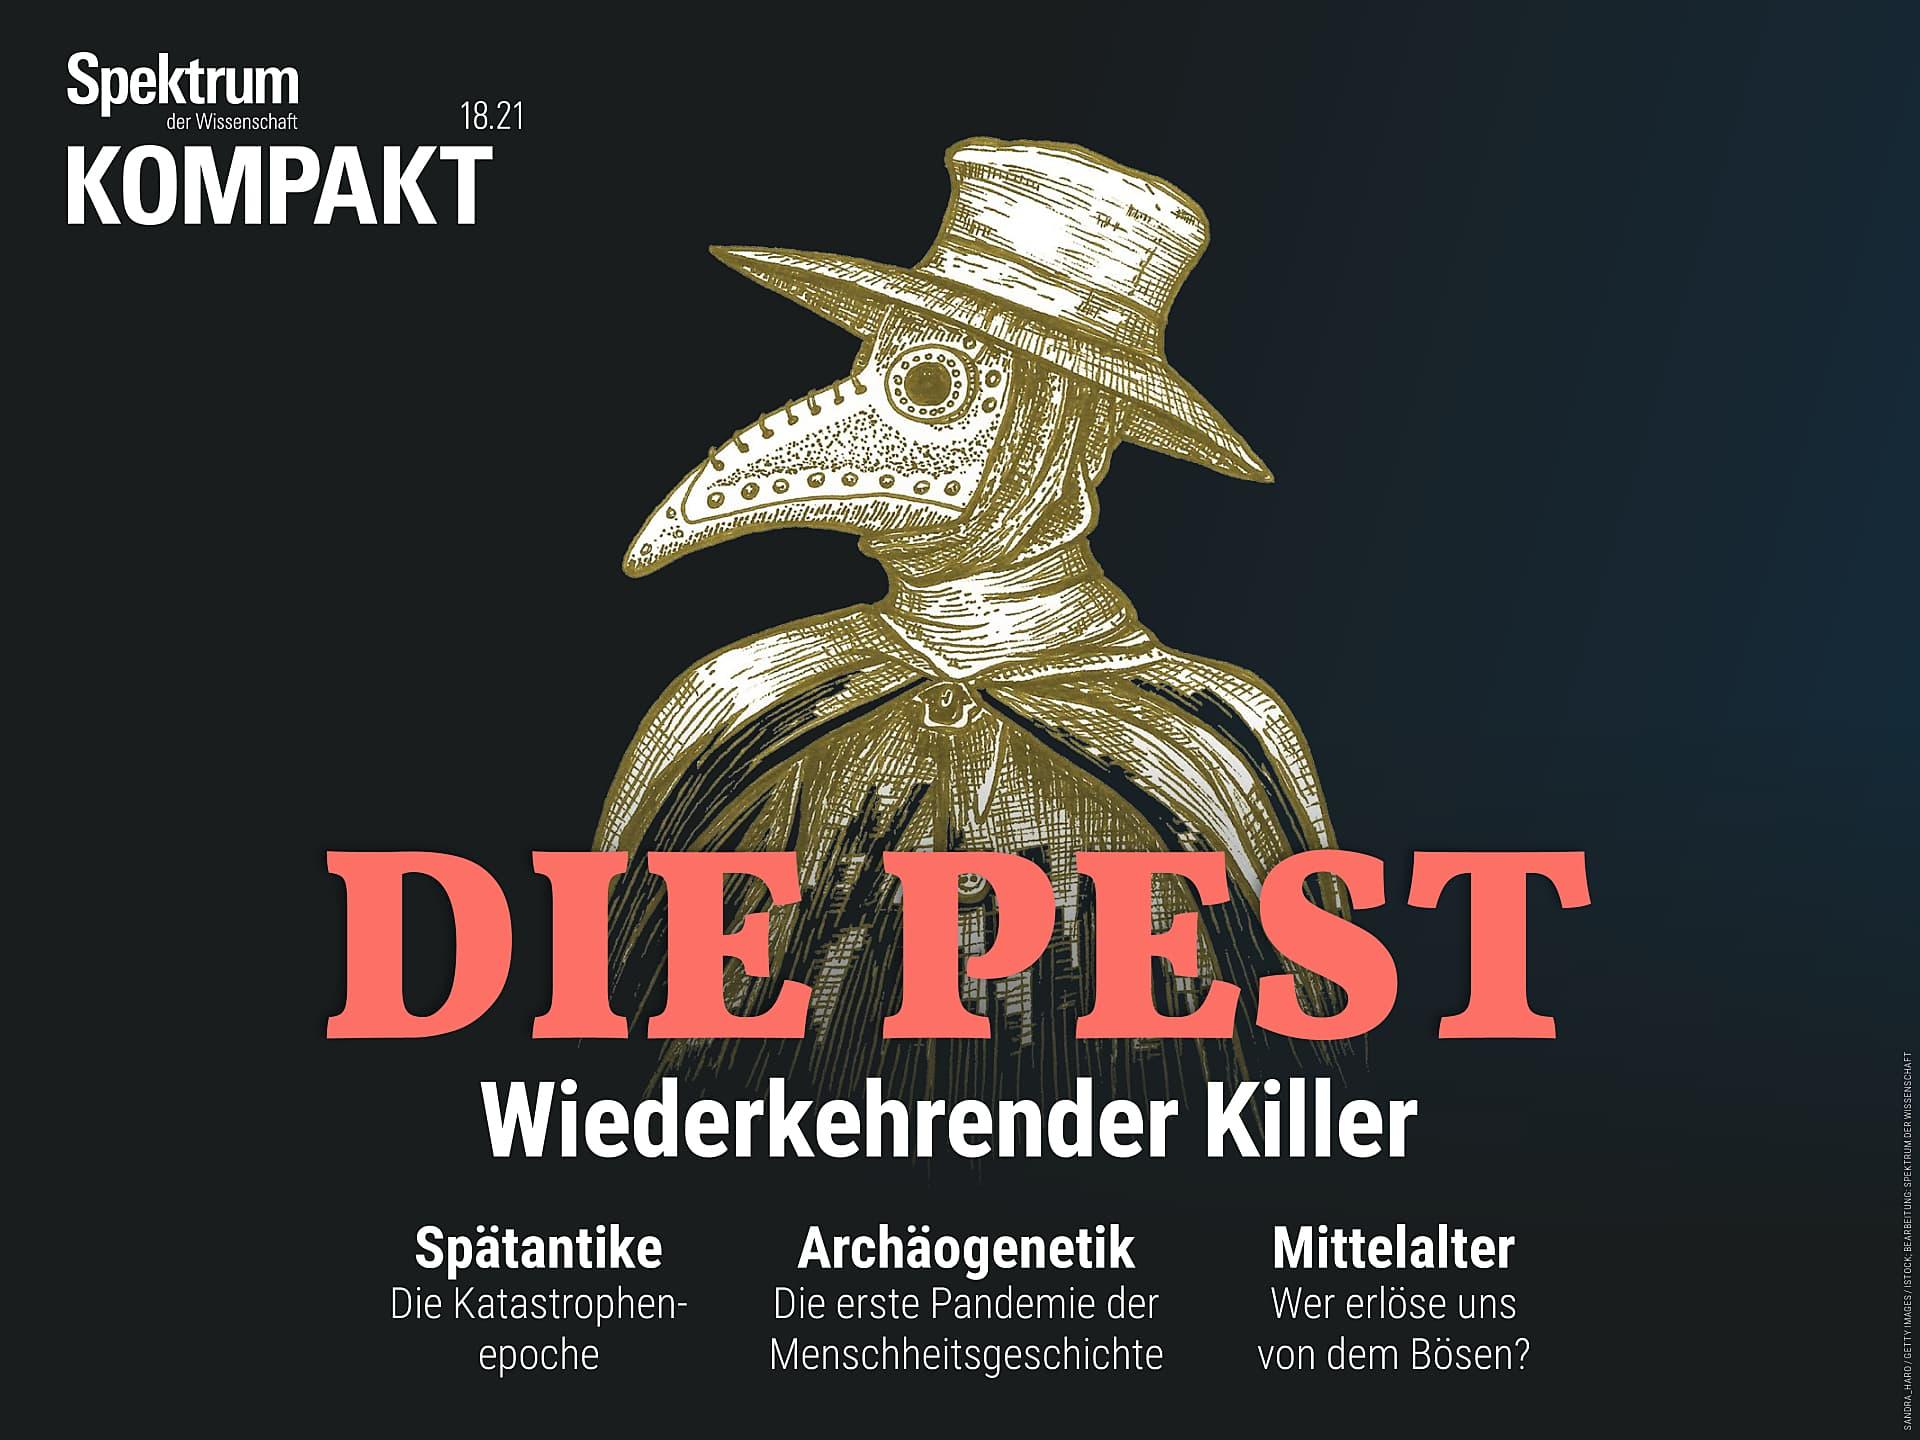 Die Pest - Wiederkehrender Killer